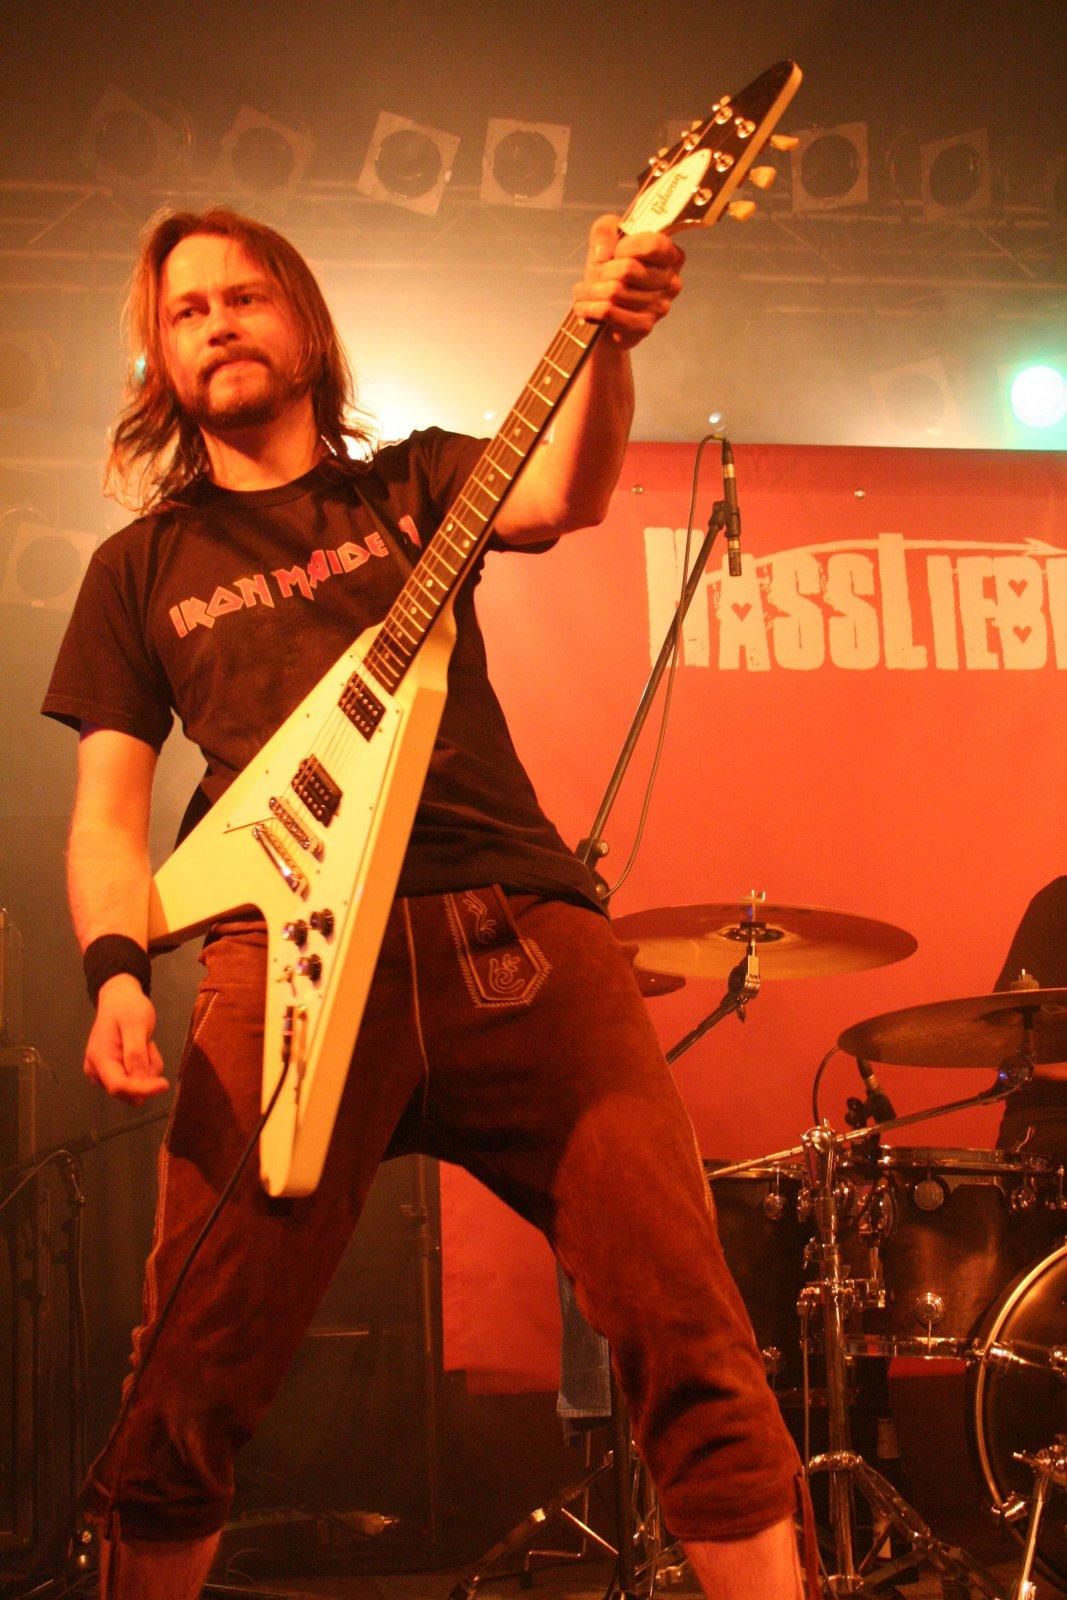 Hassliebe - Lennestadt Sauerlandhalle, 15.05.2010 - Foto von Andrea Jaeckel-Dobschat - 016